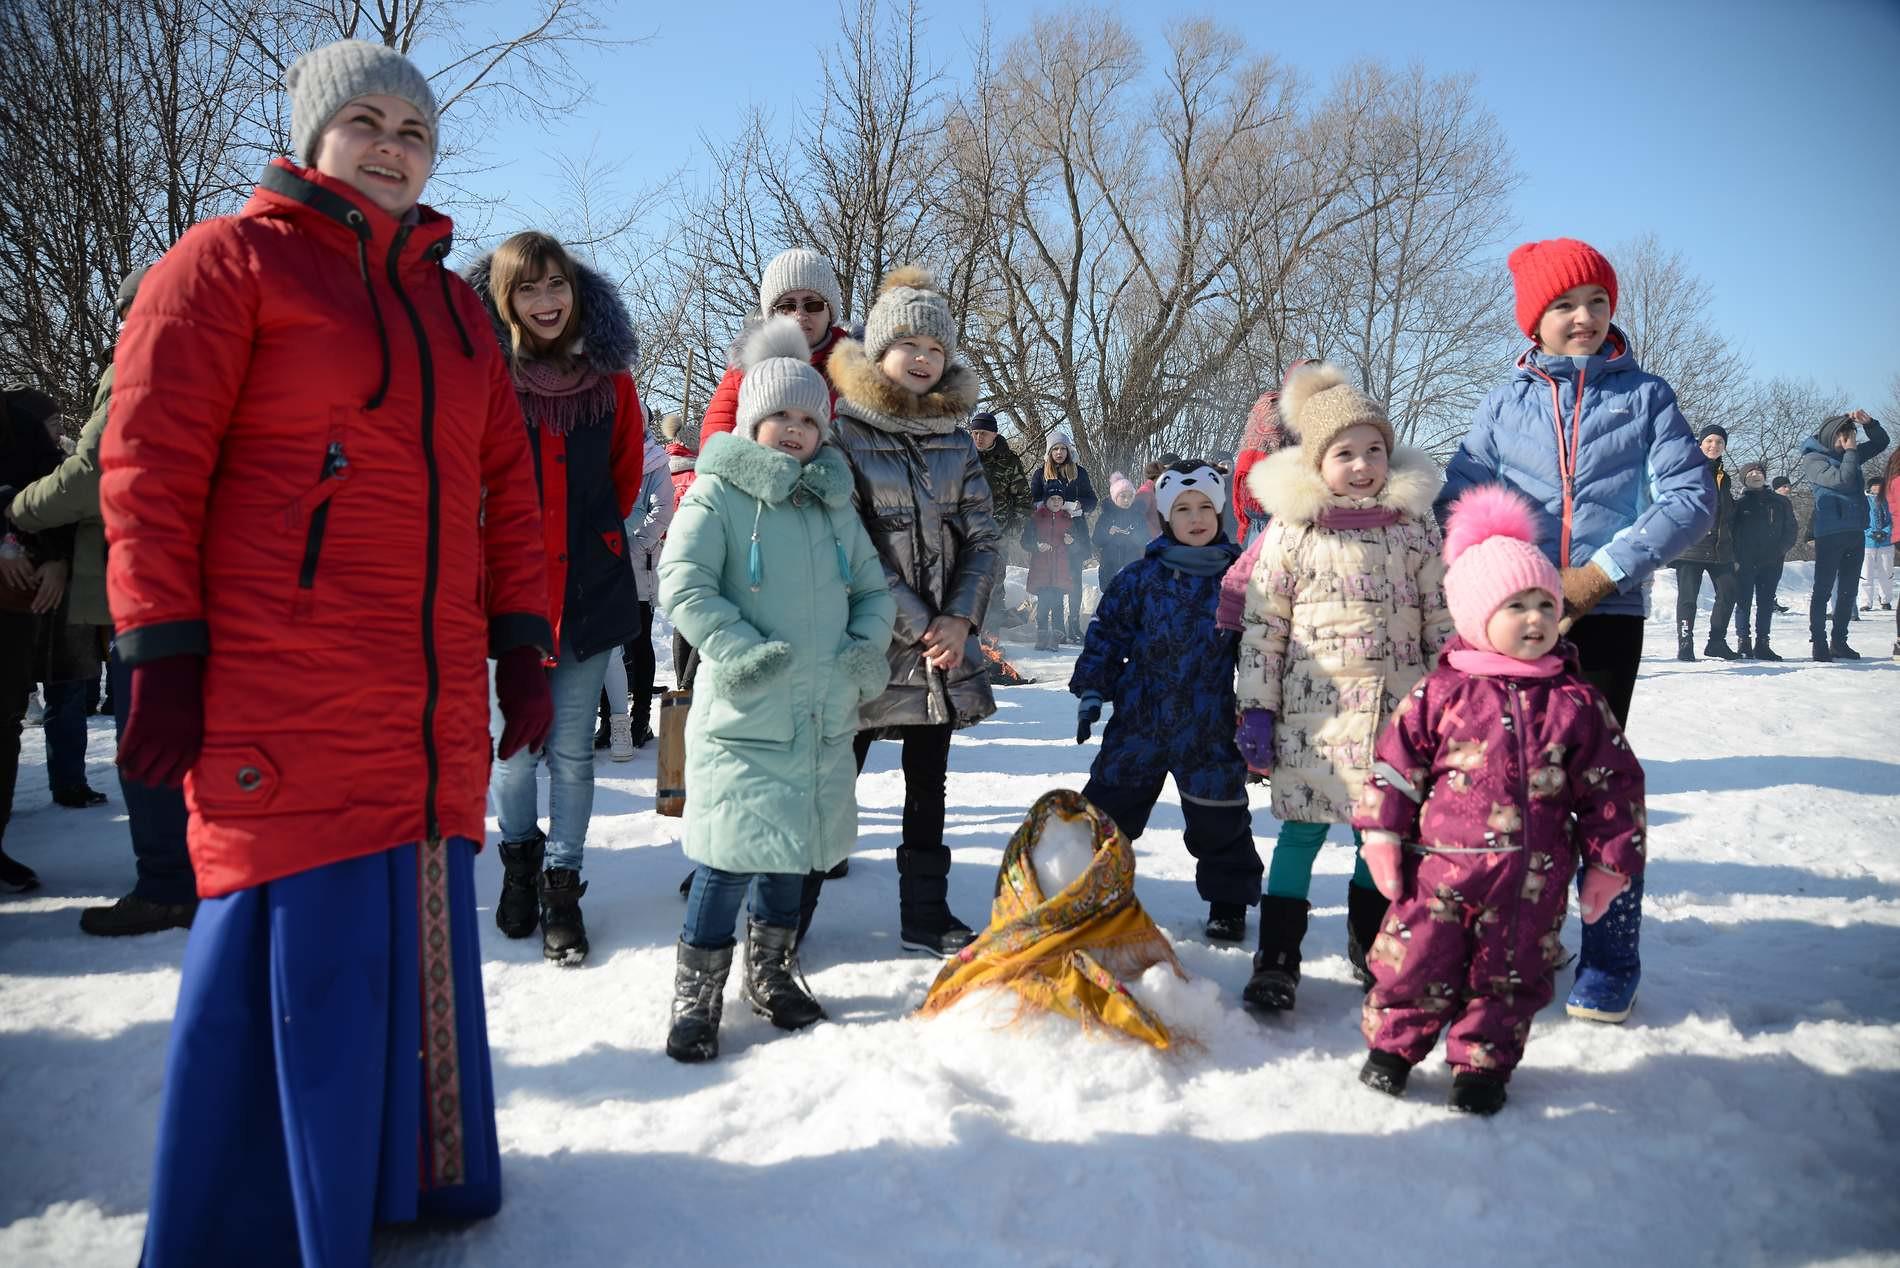 Без блинов под маслом не провести зимы, на песни, шутки, радости, приглашаем мы! Тарханская Масленица